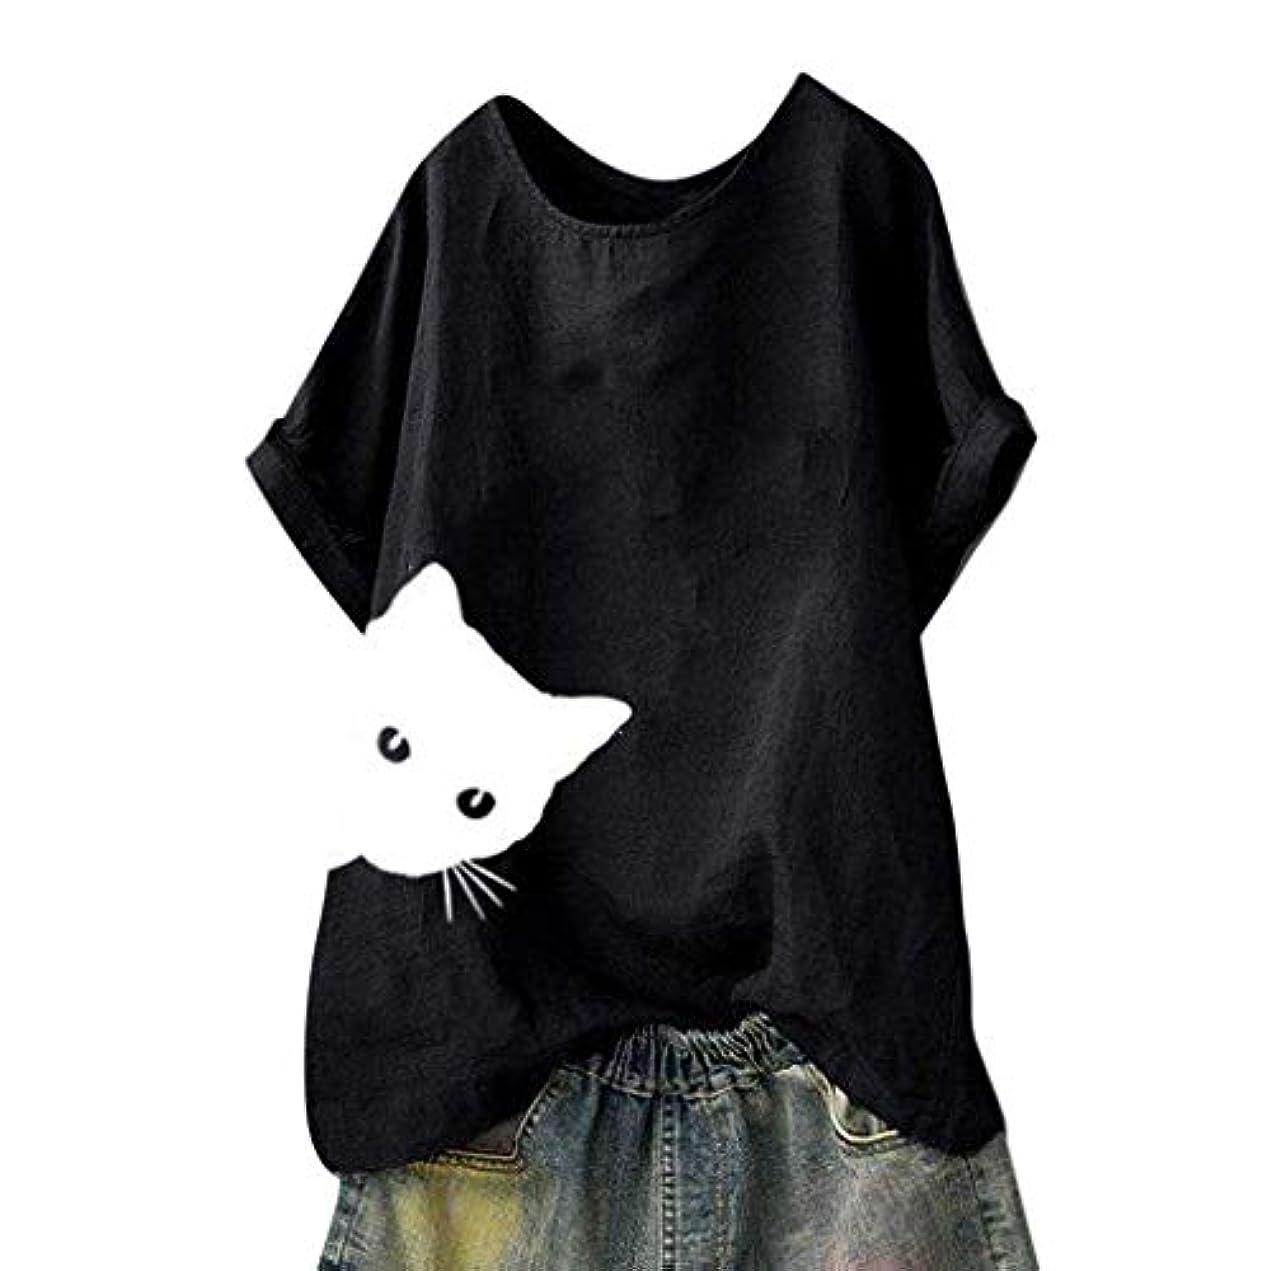 遵守する直接墓地メンズ Tシャツ 可愛い ねこ柄 白t ストライプ模様 春夏秋 若者 気質 おしゃれ 夏服 多選択 猫模様 カジュアル 半袖 面白い 動物 ゆったり シンプル トップス 通勤 旅行 アウトドア tシャツ 人気